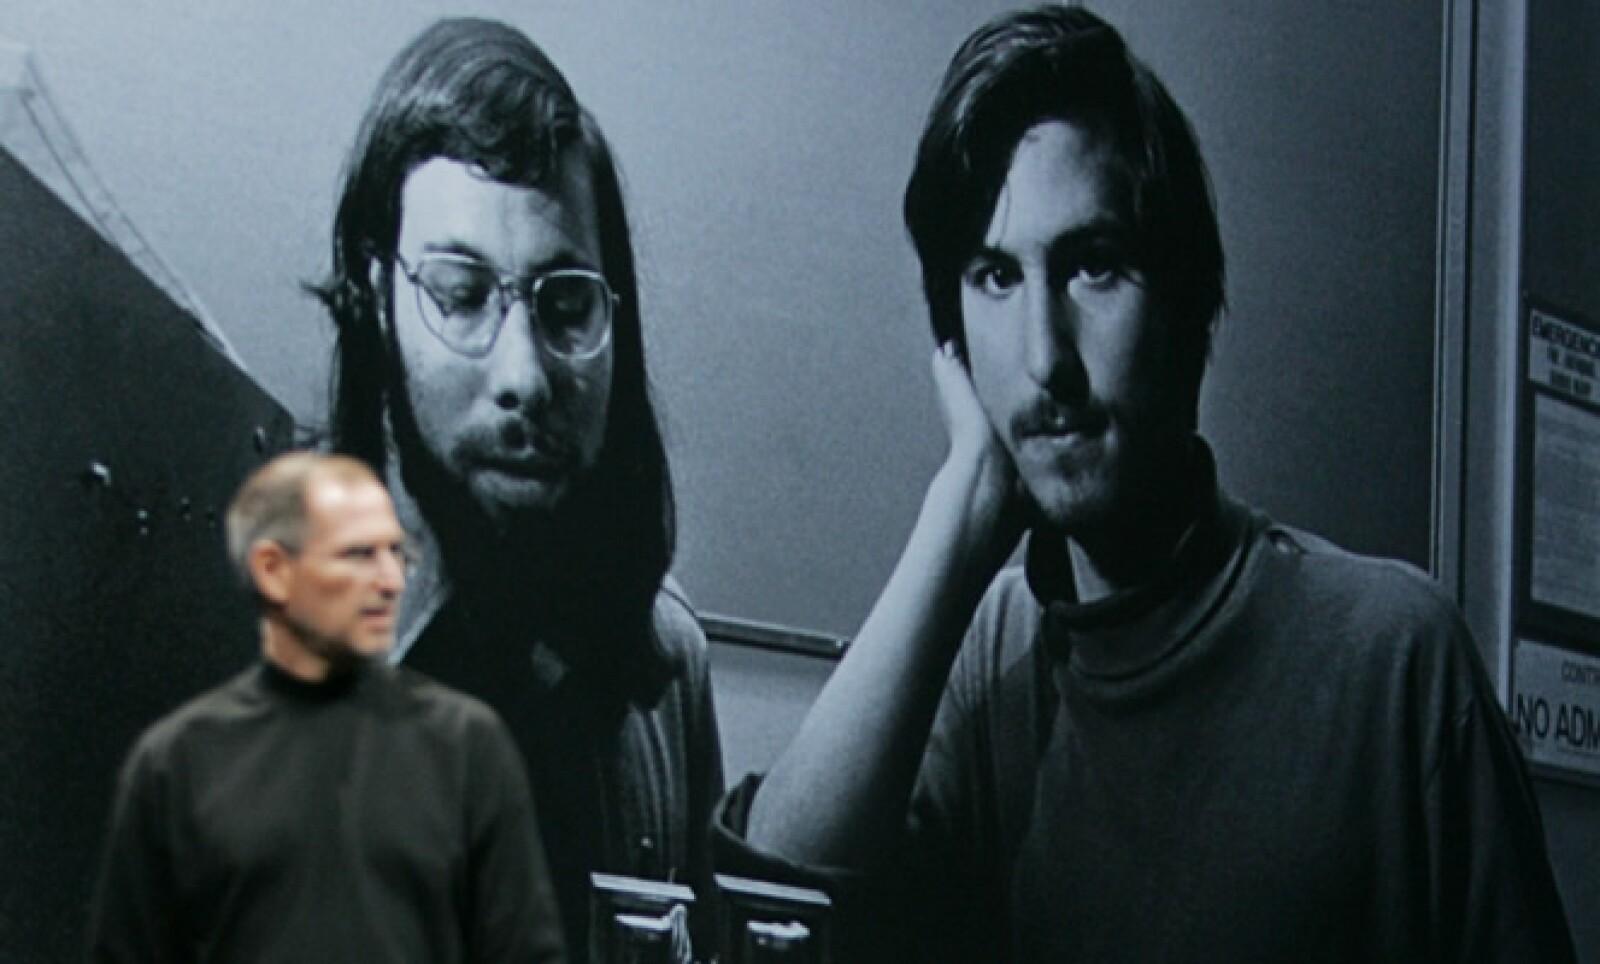 Su amigo Bill Fernández le presentó al joven ingeniero Steve Wozniak, y los dos 'Steves' comenzaron una relación que eventualmente dio a luz Apple Computer.